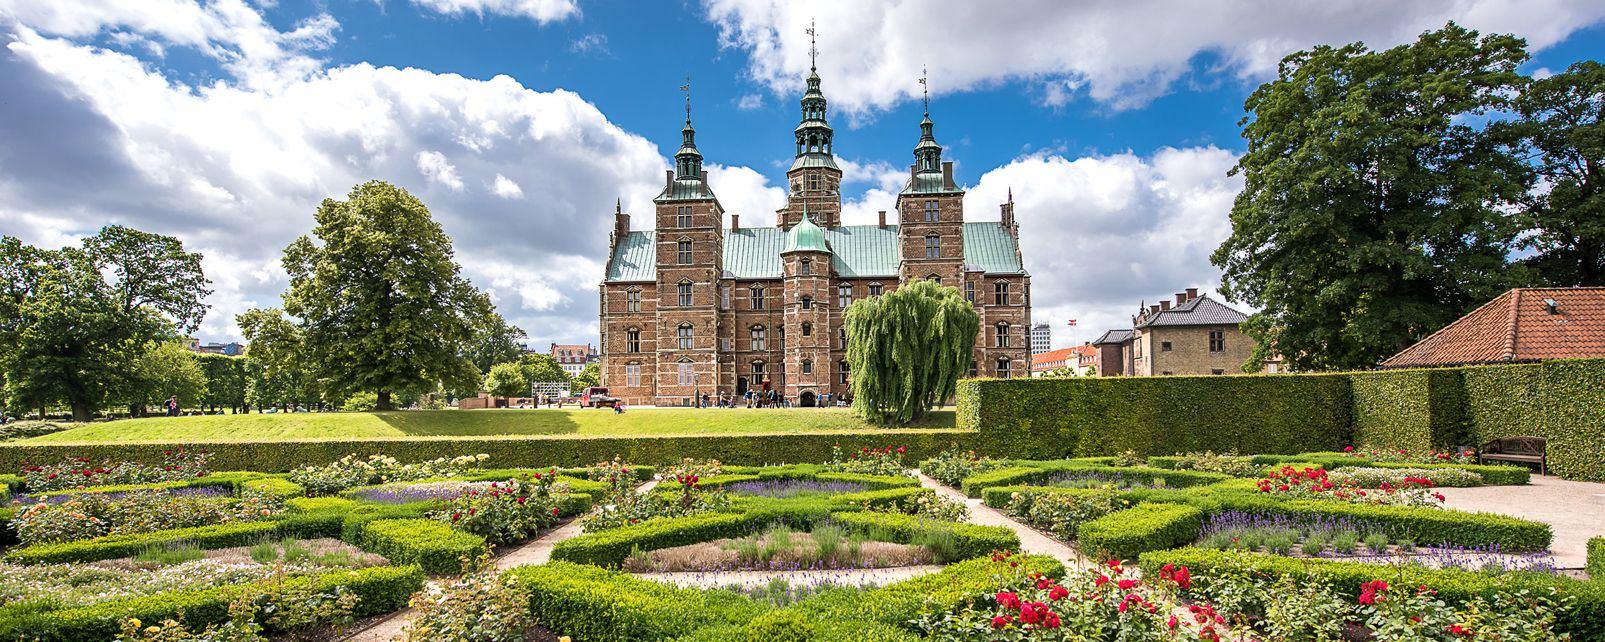 Come Cambiare Residenza : Come visitare giardini del castello di rosenborg